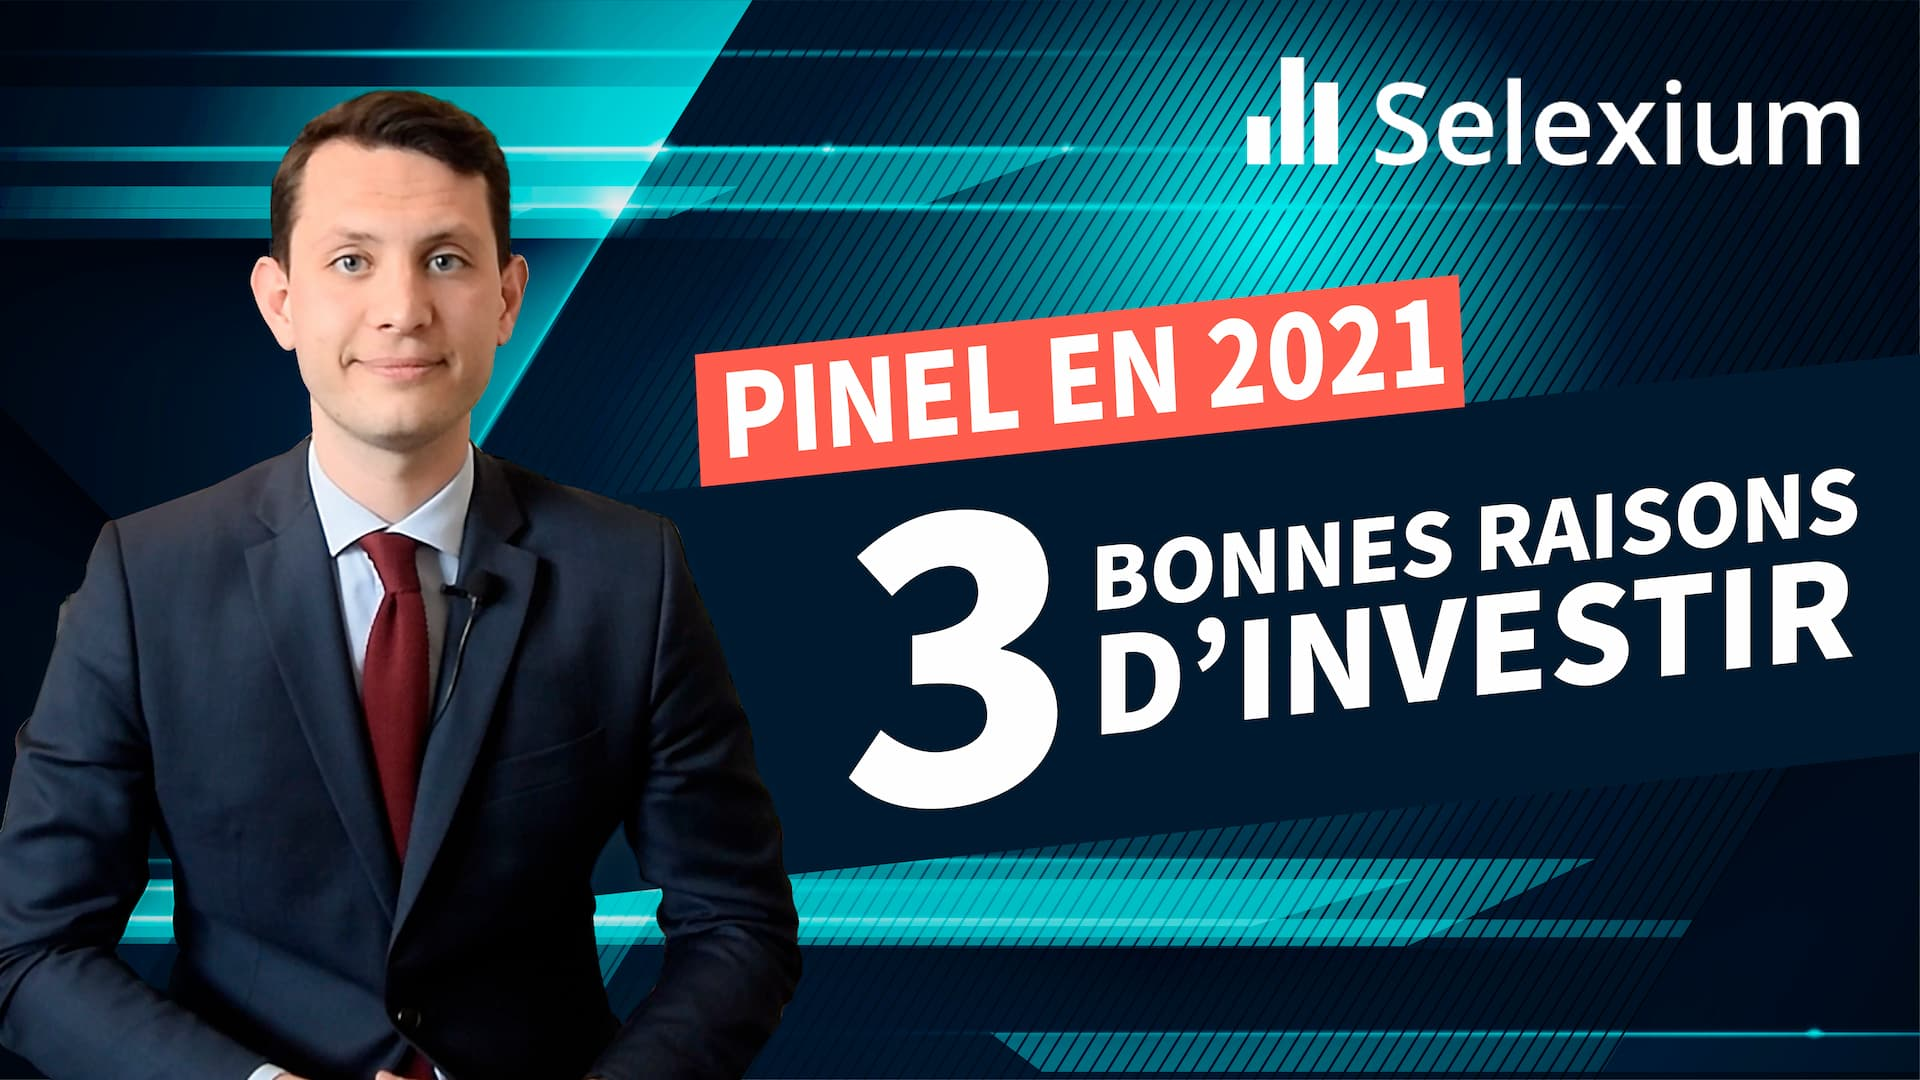 Pourquoi ne pas investir en Pinel ?